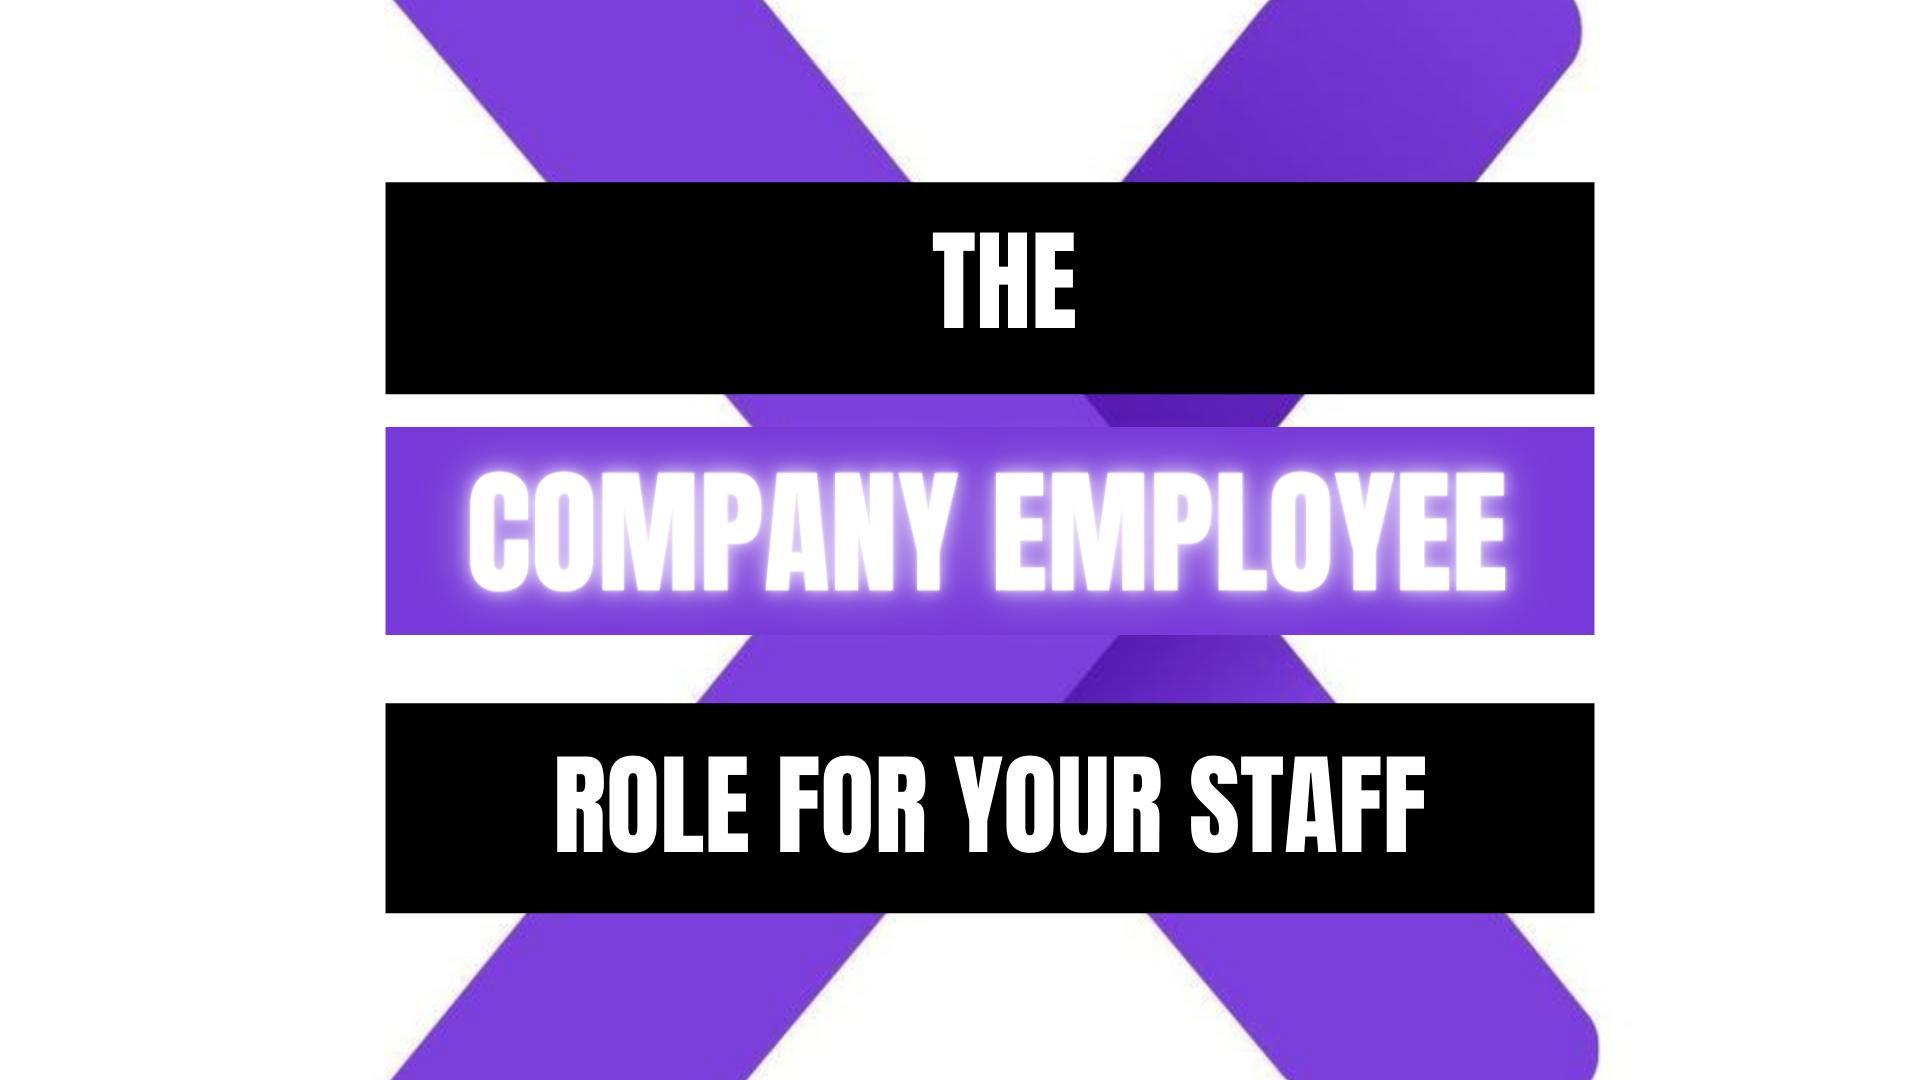 Peekaboox - Company Employee Role